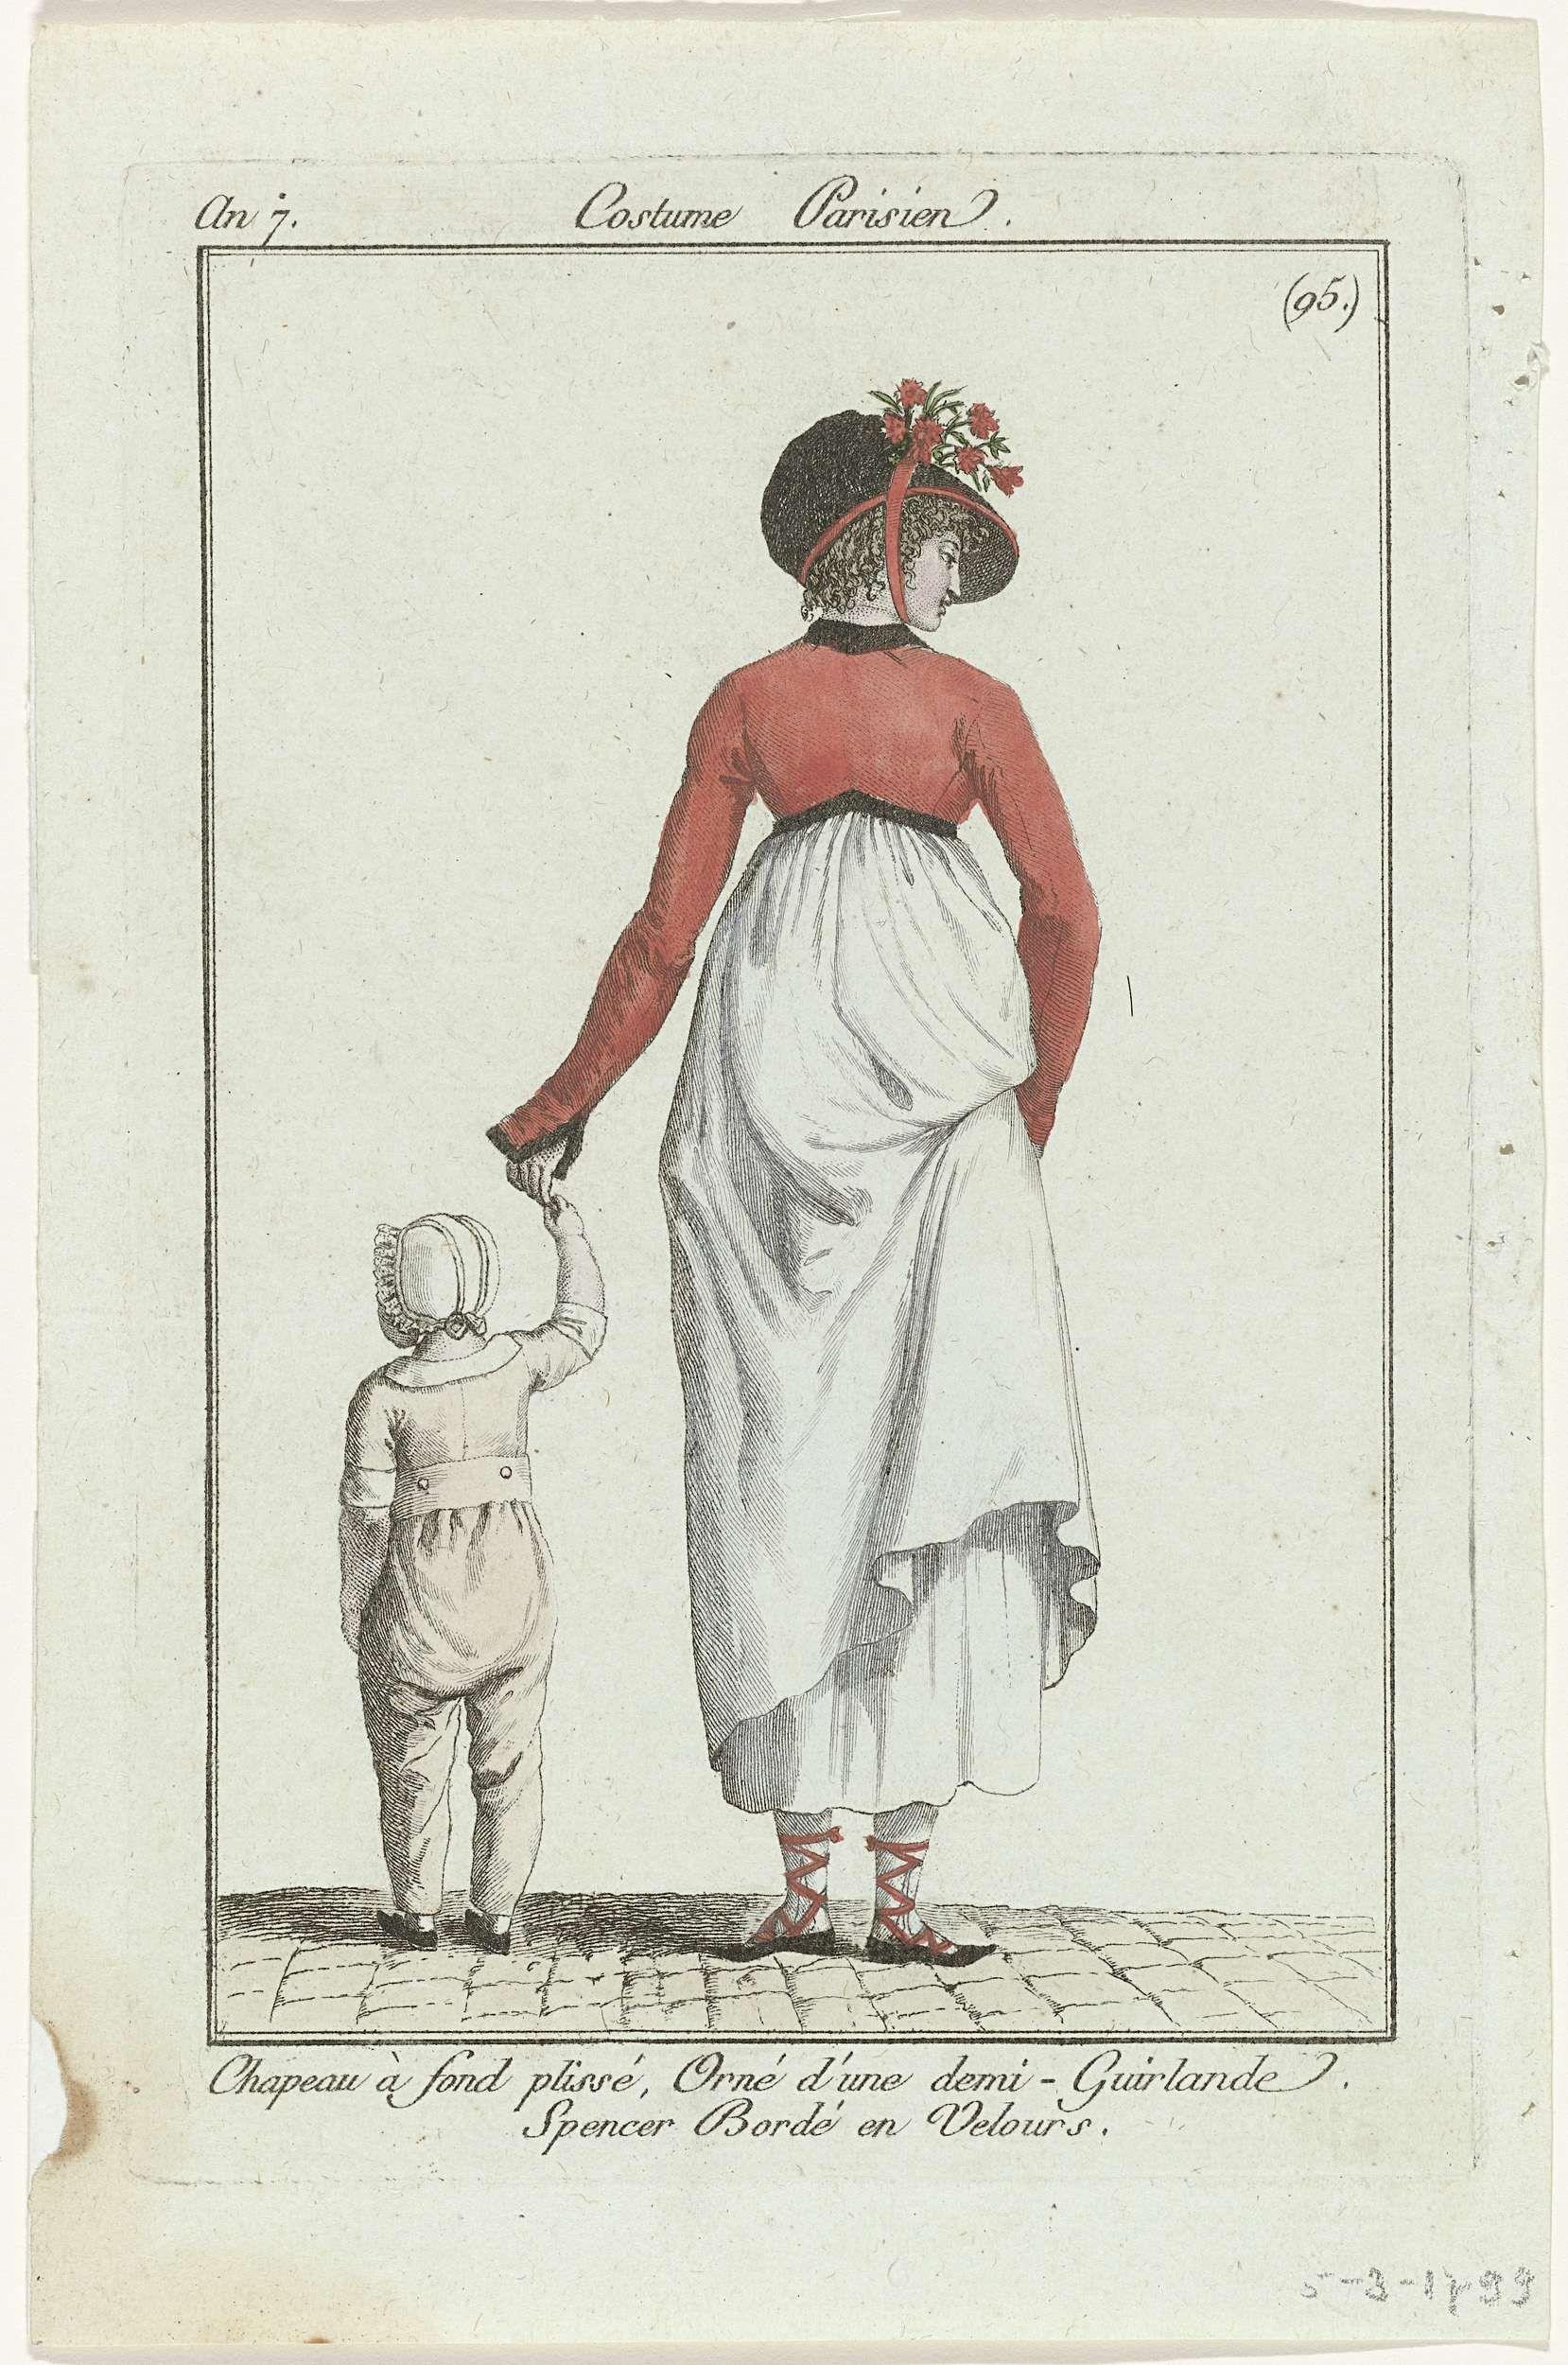 Anonymous | Journal des Dames et des Modes, Costume Parisien, 15 mars 1799, An 7, (95) : Chapeau à fond plissé..., Anonymous, Sellèque, Pierre de la Mésangère, 1799 | Vrouw, op de rug gezien, met een kind aan de hand. Op het hoofd een hoed, van achteren geplooid, versierd met bloemen: 'demi-guirlande'. Zij draagt een spencer afgezet met fluweel. Met de rechterhand houdt ze haar rok op. Schoenen met gekruiste linten en puntige neuzen. De prent maakt deel uit van het modetijdschrift Journal…